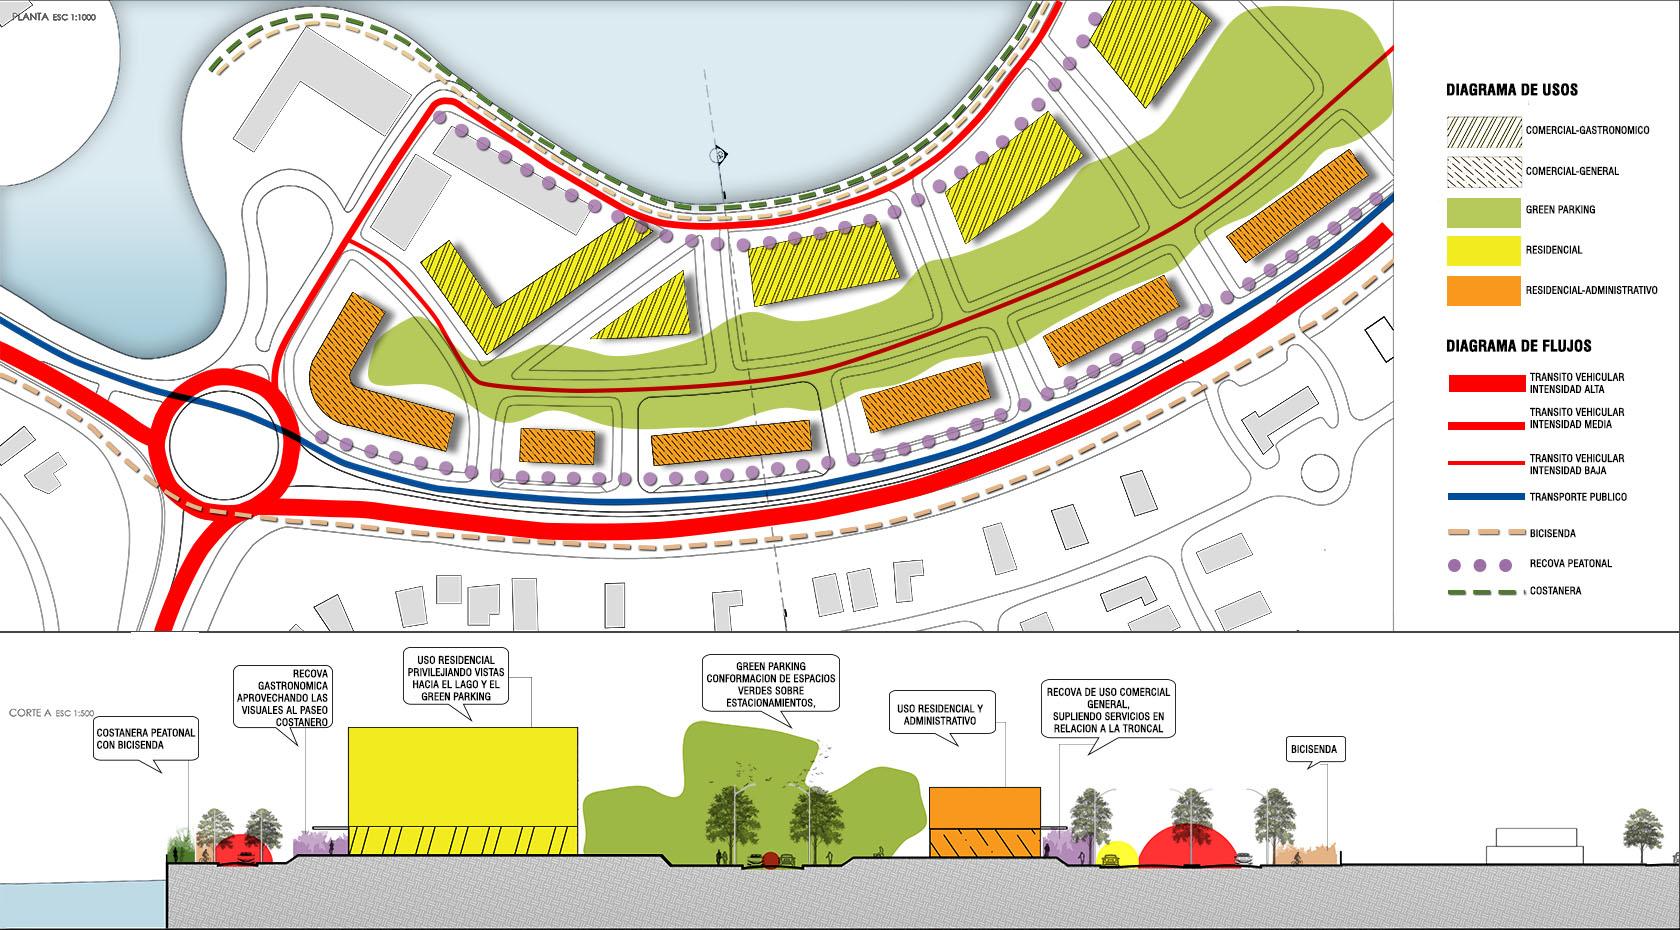 Plano análisis de situación urbana